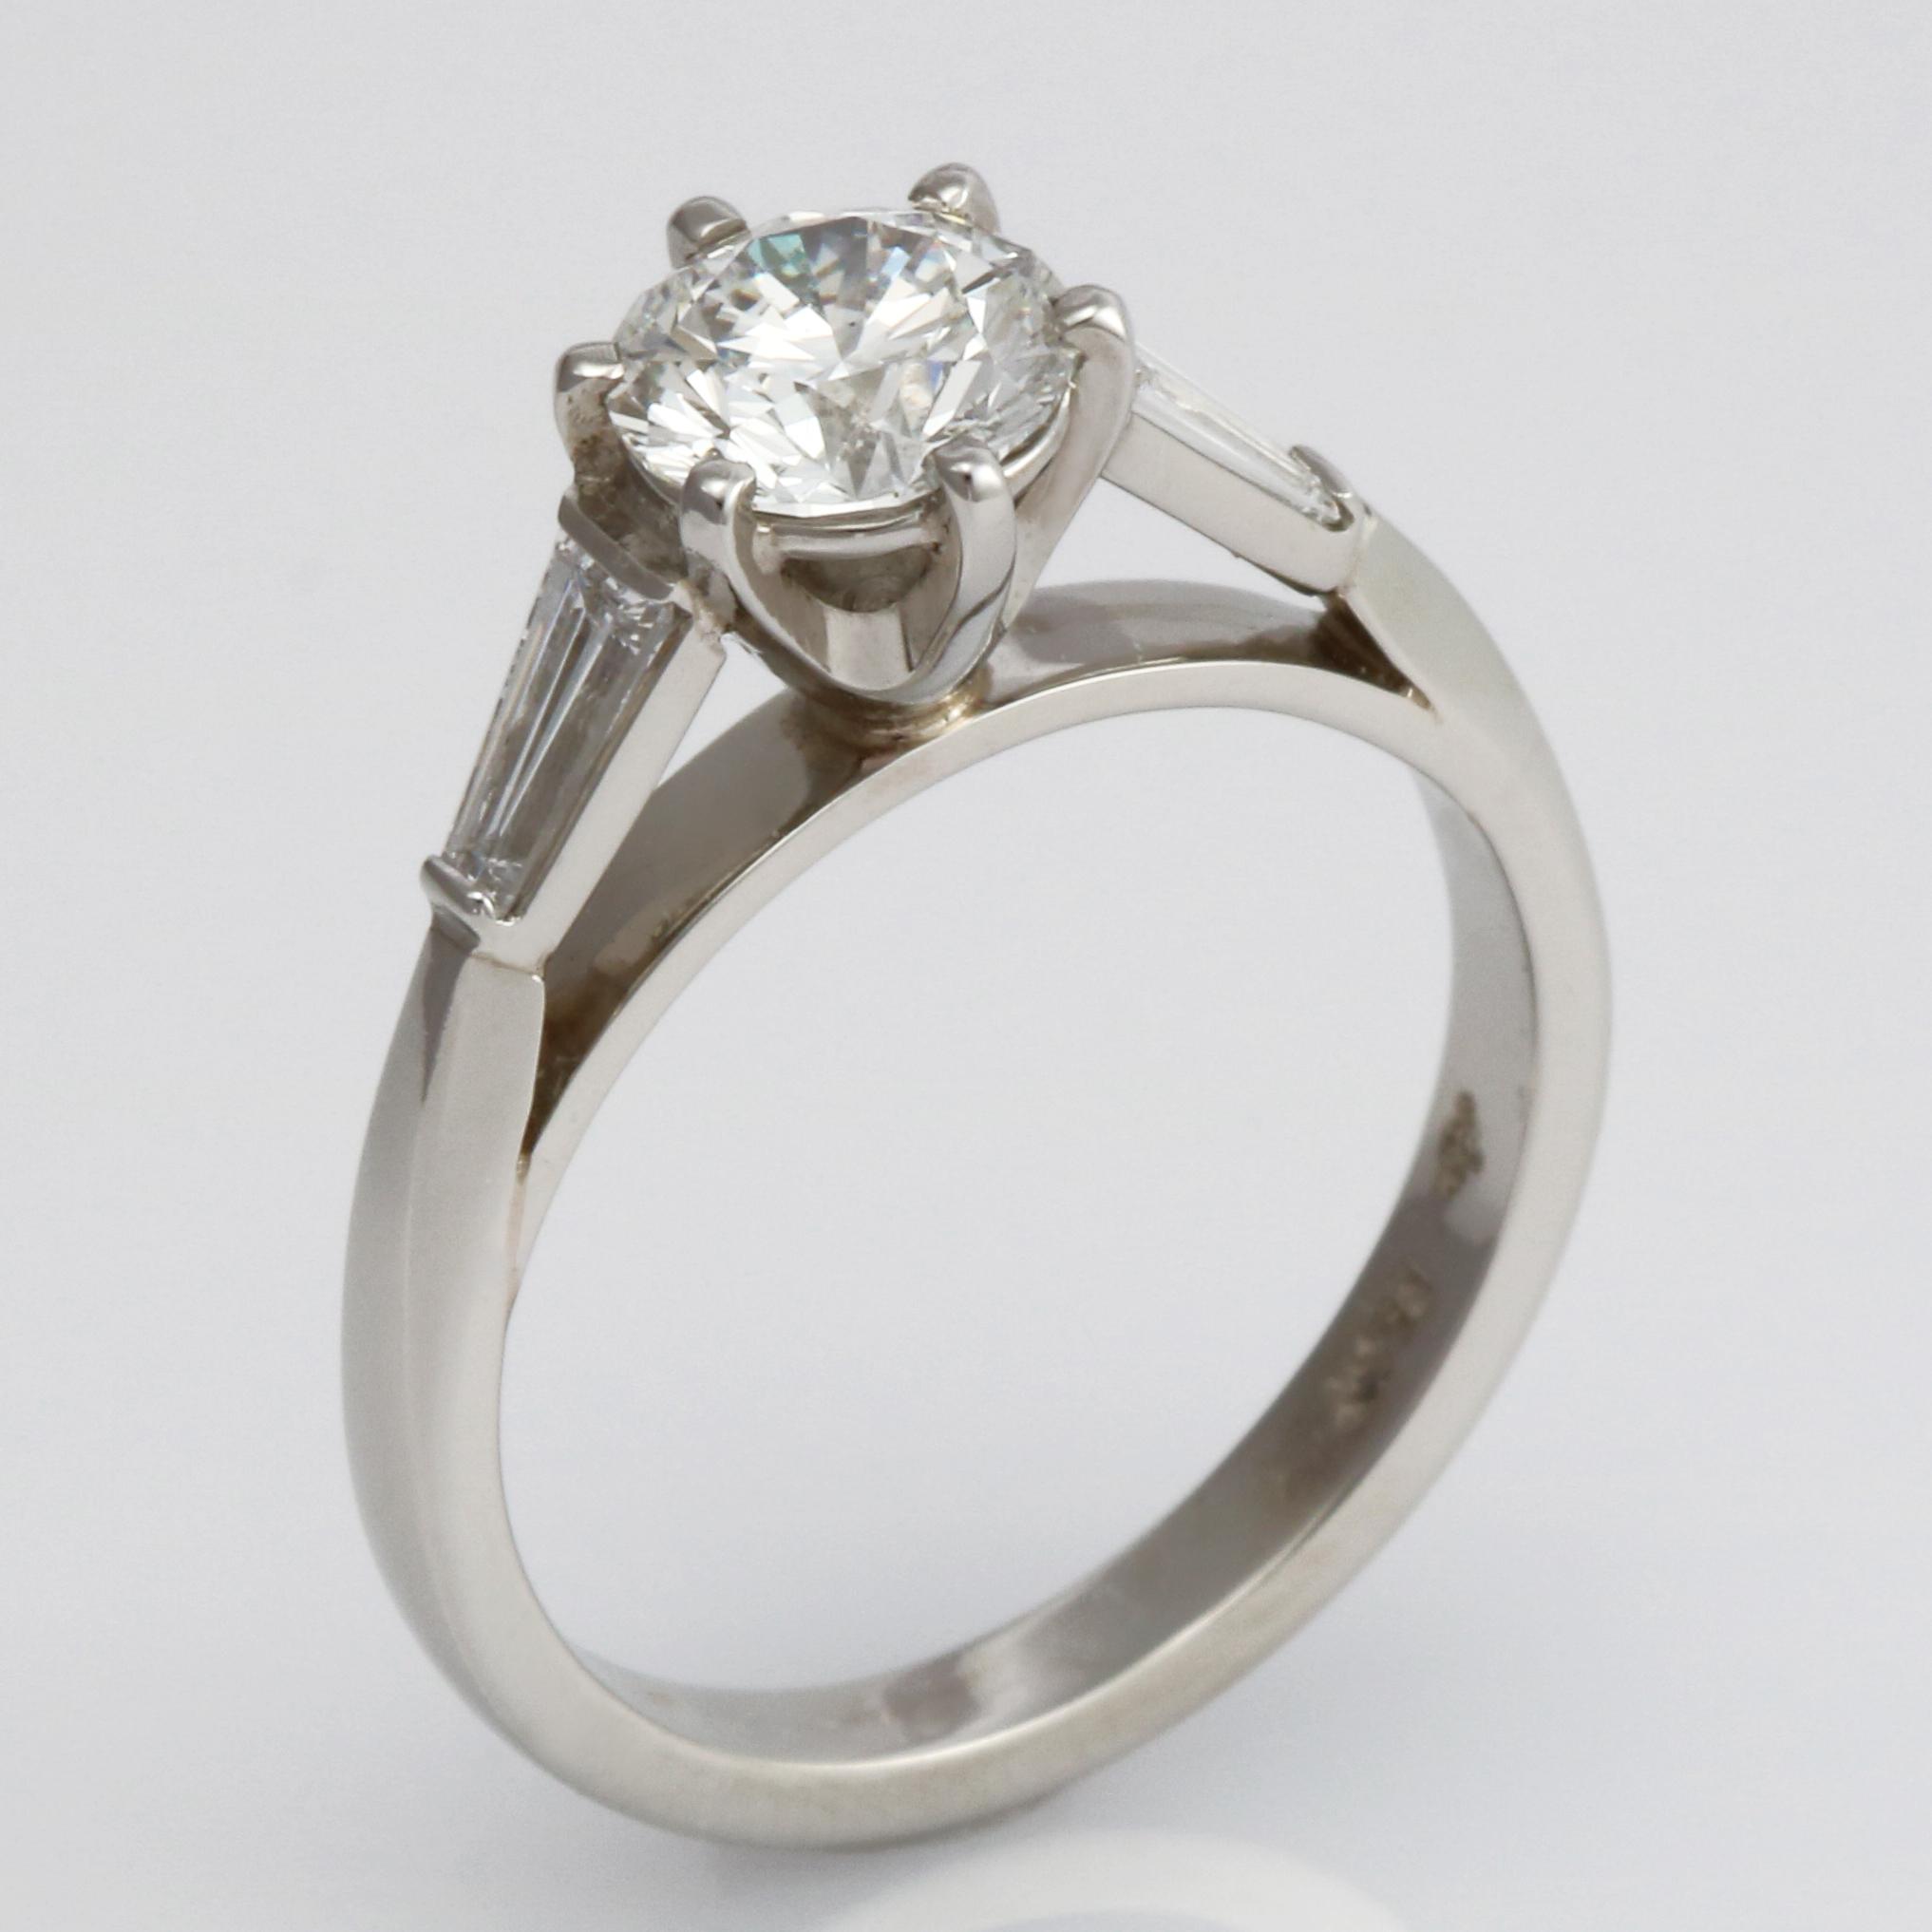 Handmade Platinum and Diamond Engagement ring